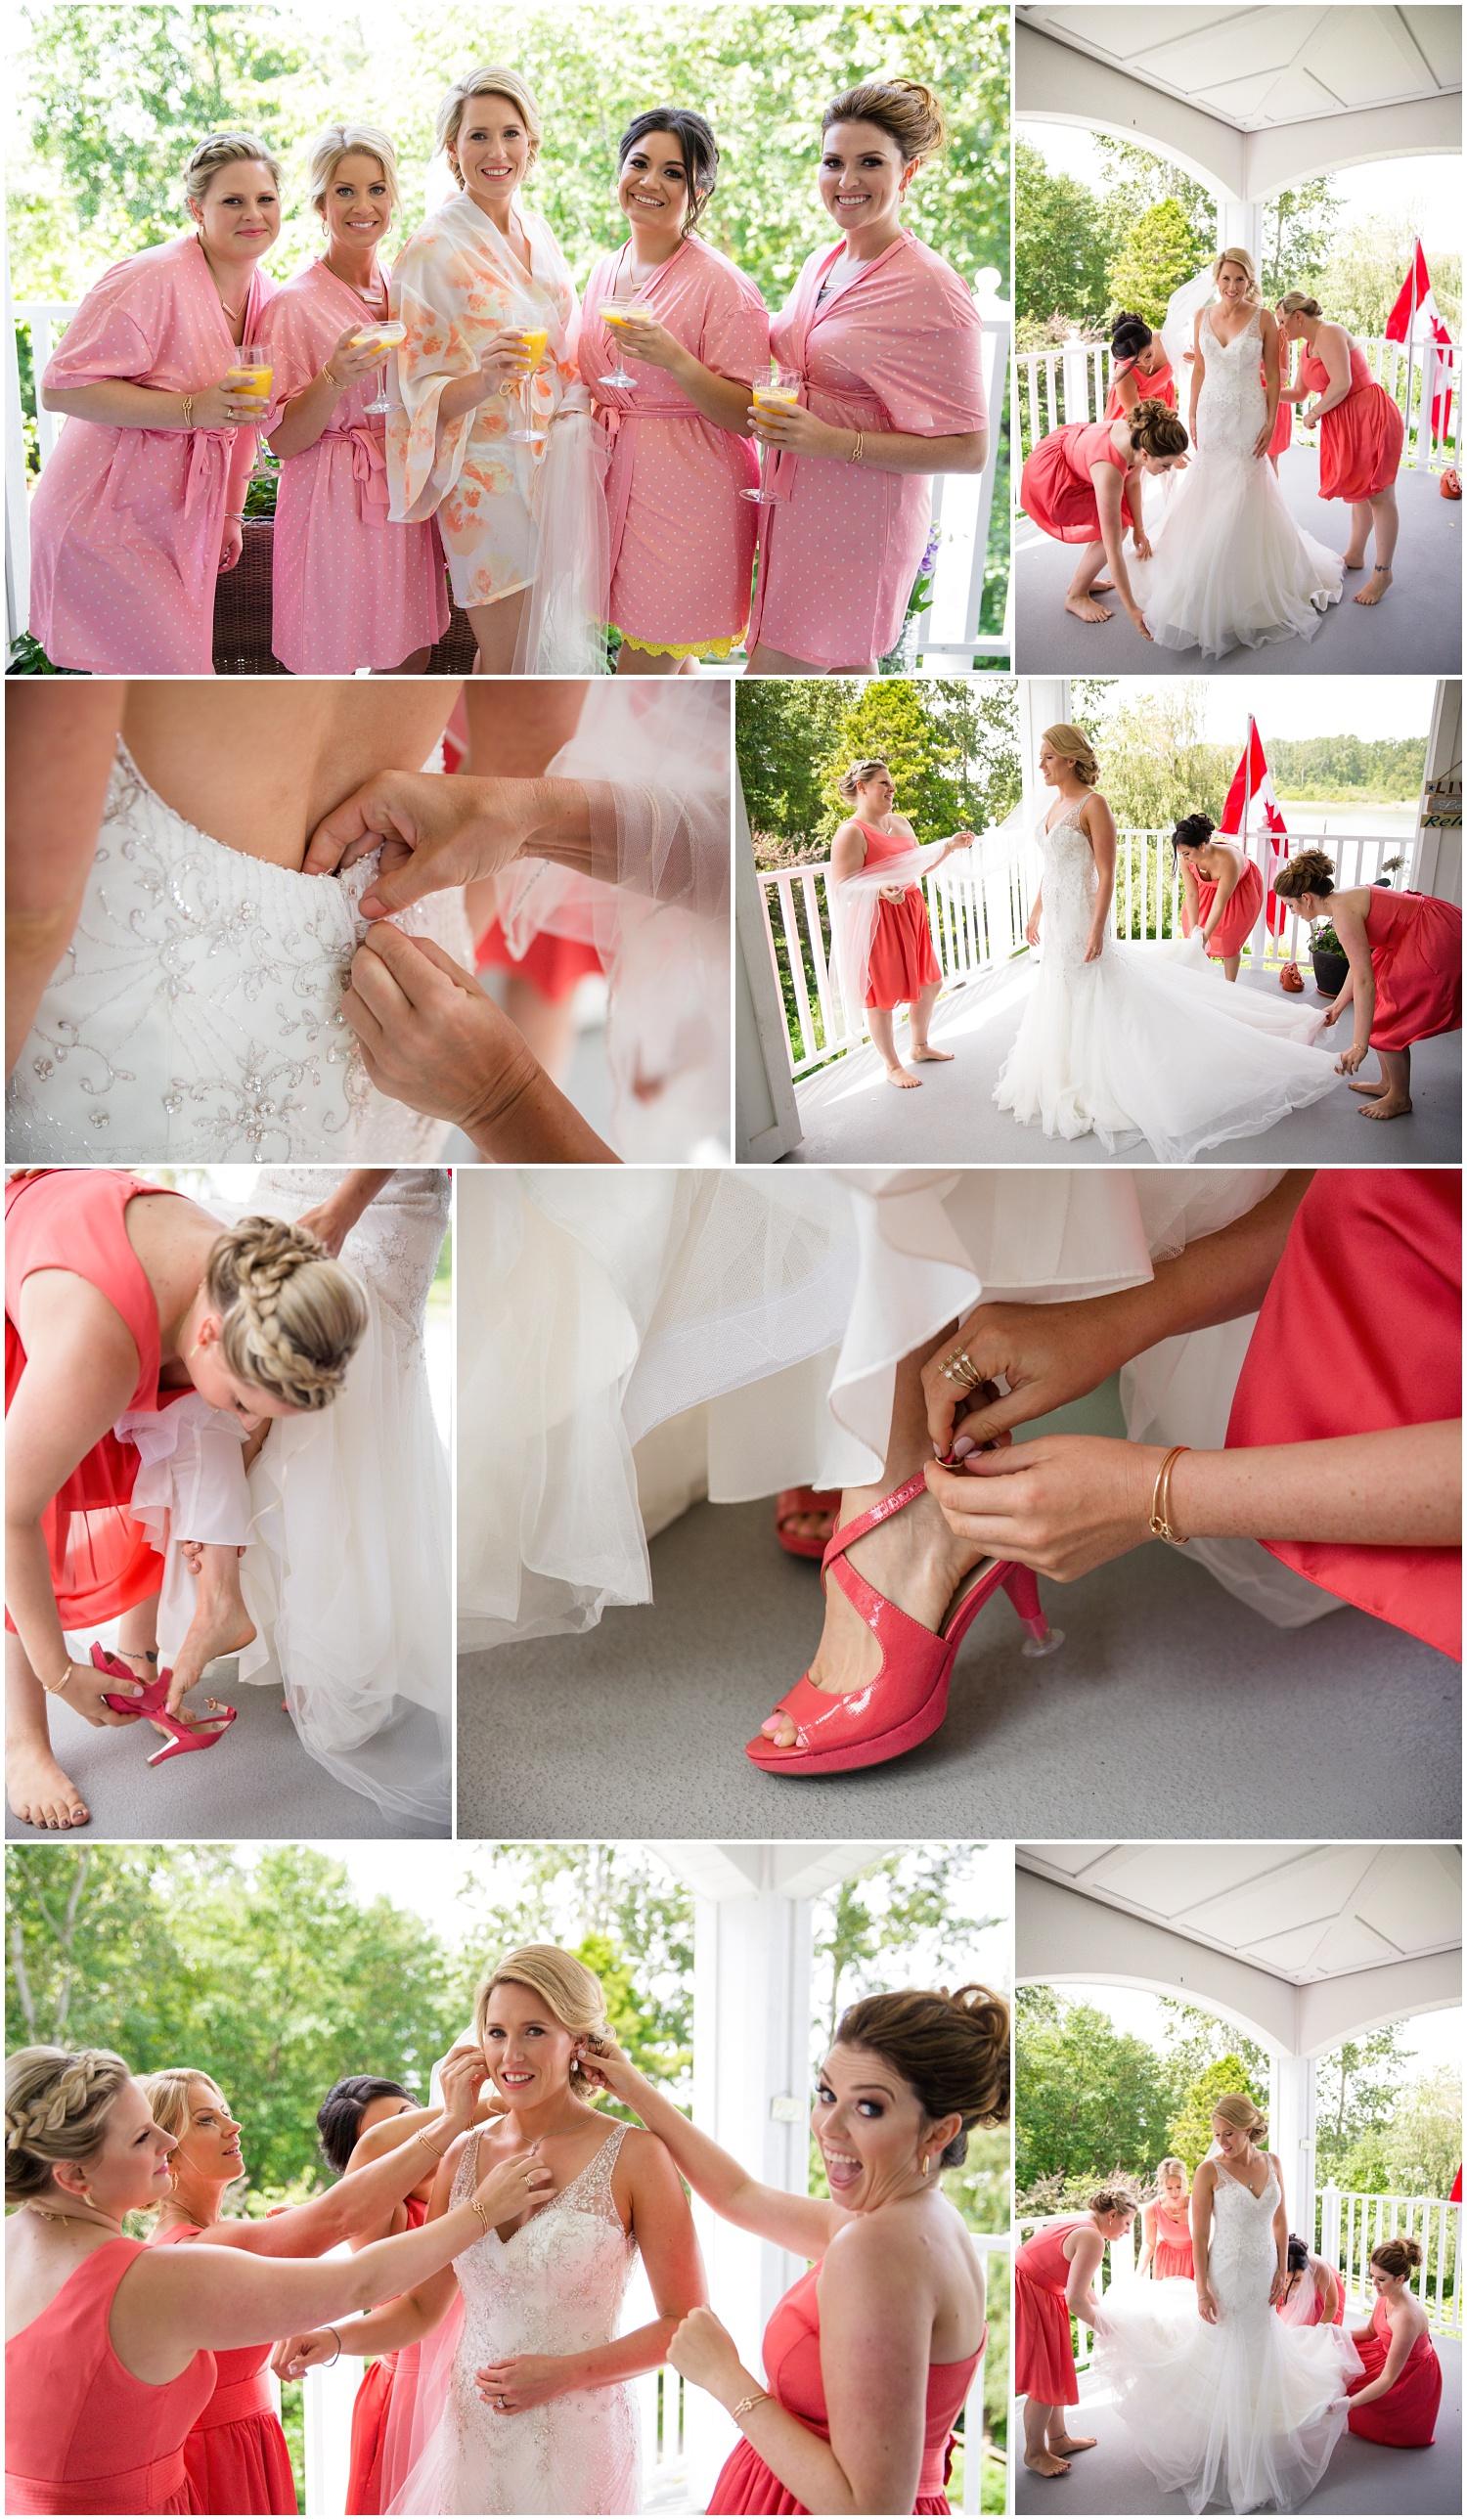 Amazing Day Photography - South Bonson Wedding - Pitt Meadows Wedding - Langley Wedding Photography (5).jpg